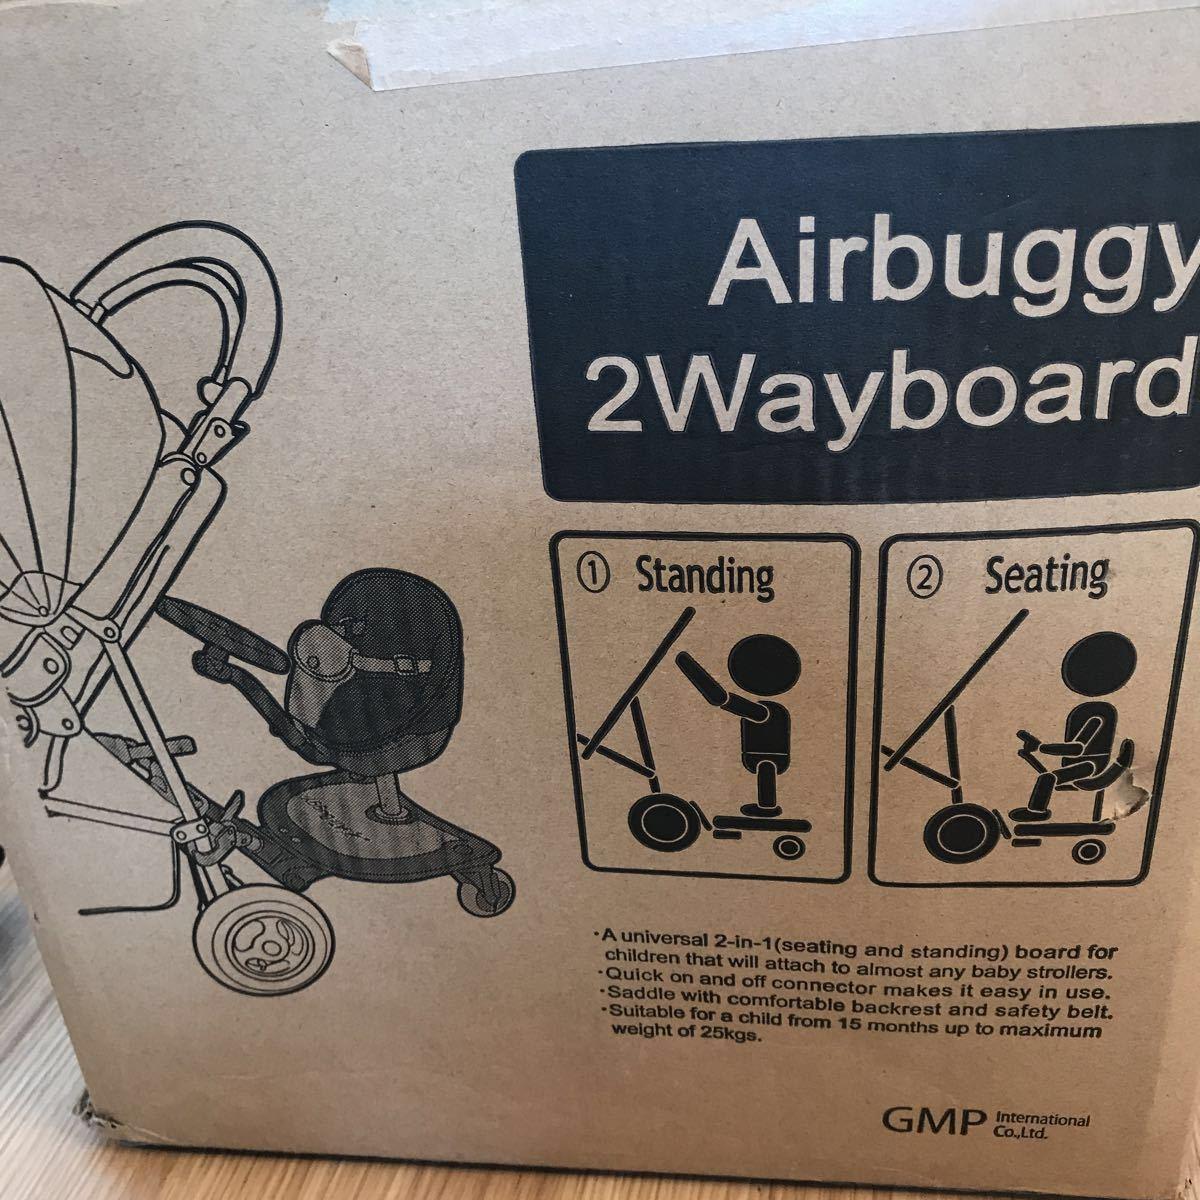 送料込 エアバギー 2wayboard 二人乗り_画像5